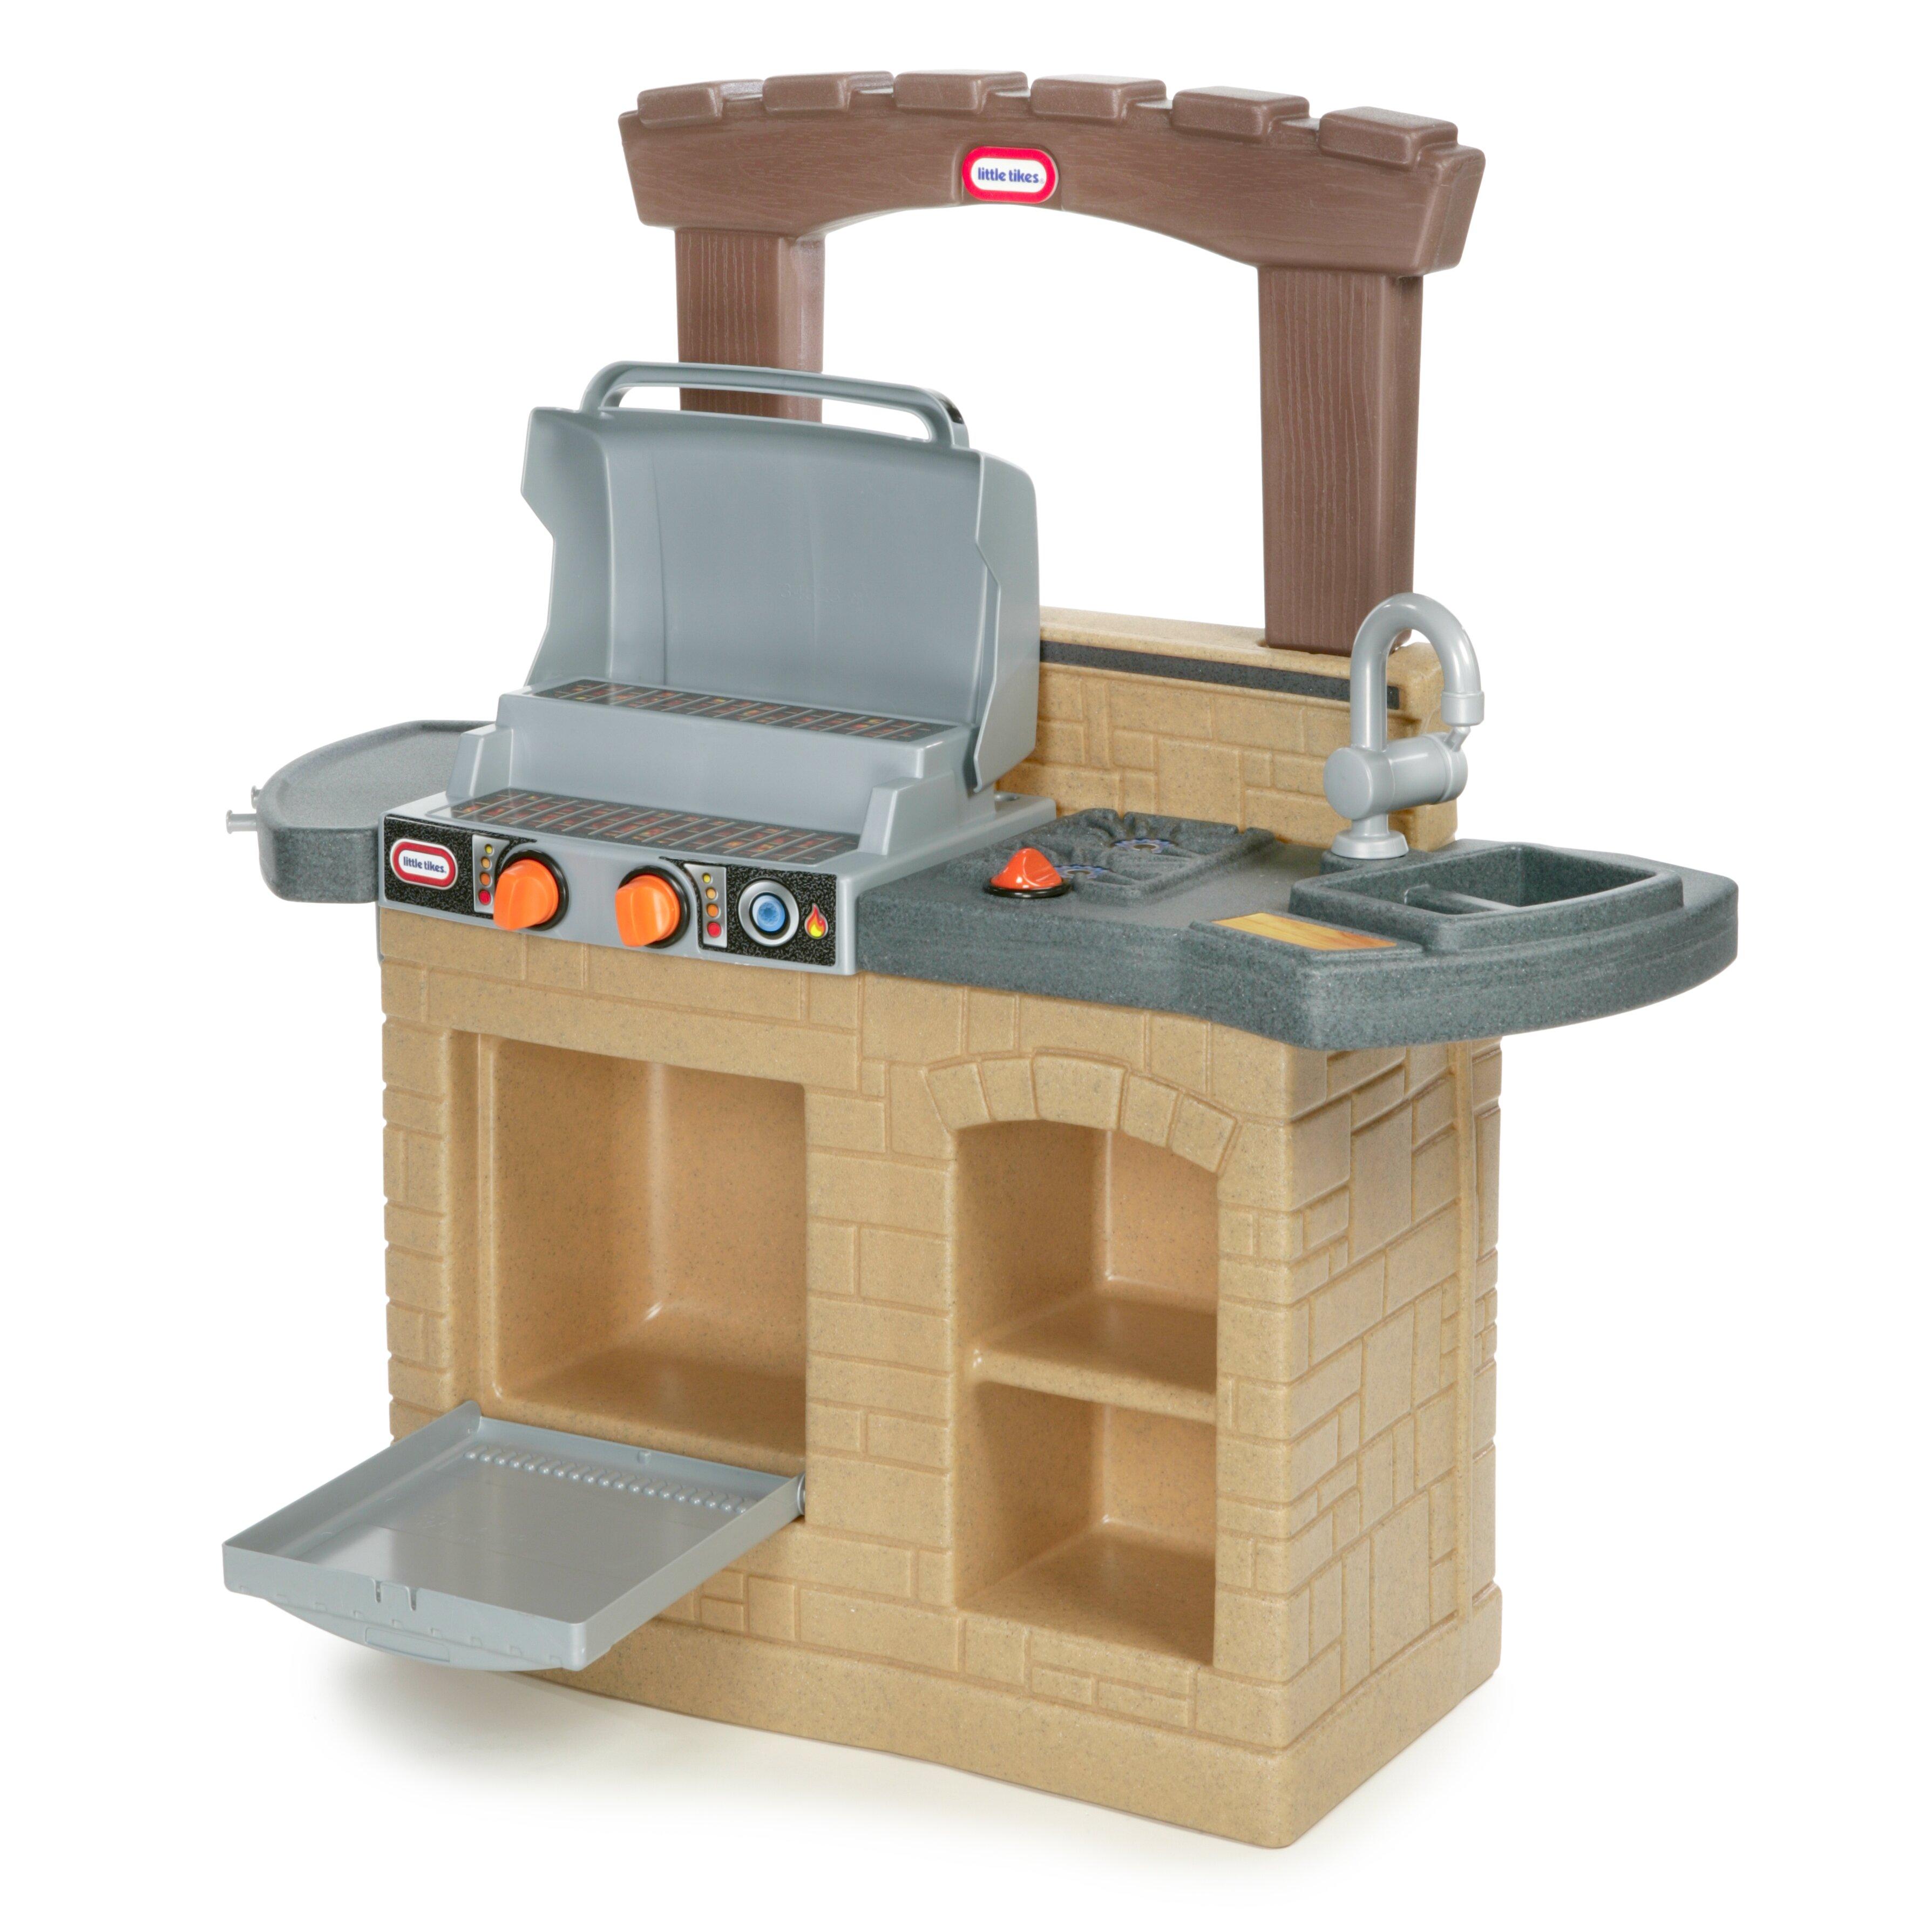 Little Tikes Outdoor Kitchen